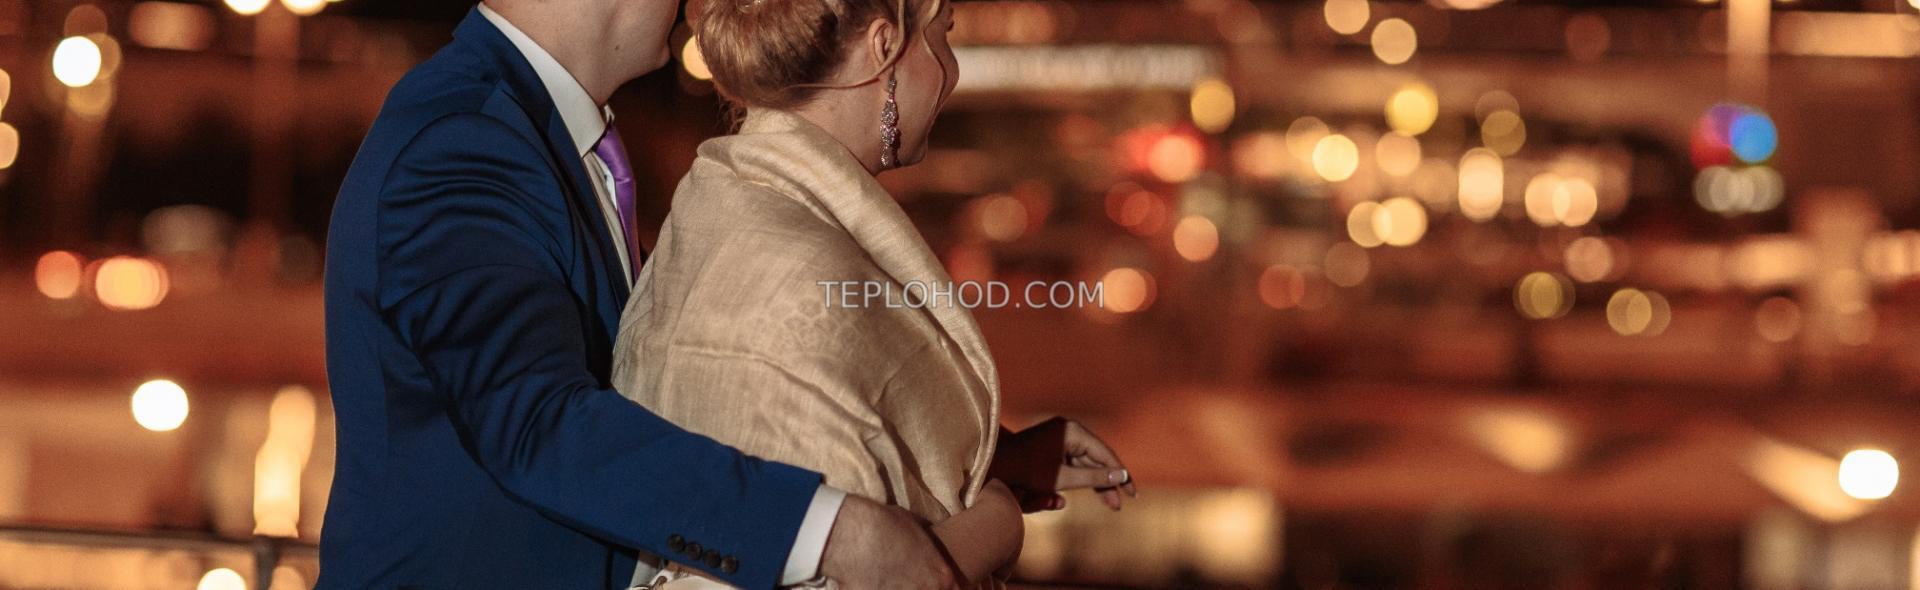 """Романтический ужин с живой музыкой на теплоходе """"Мечта"""" в Дубне"""